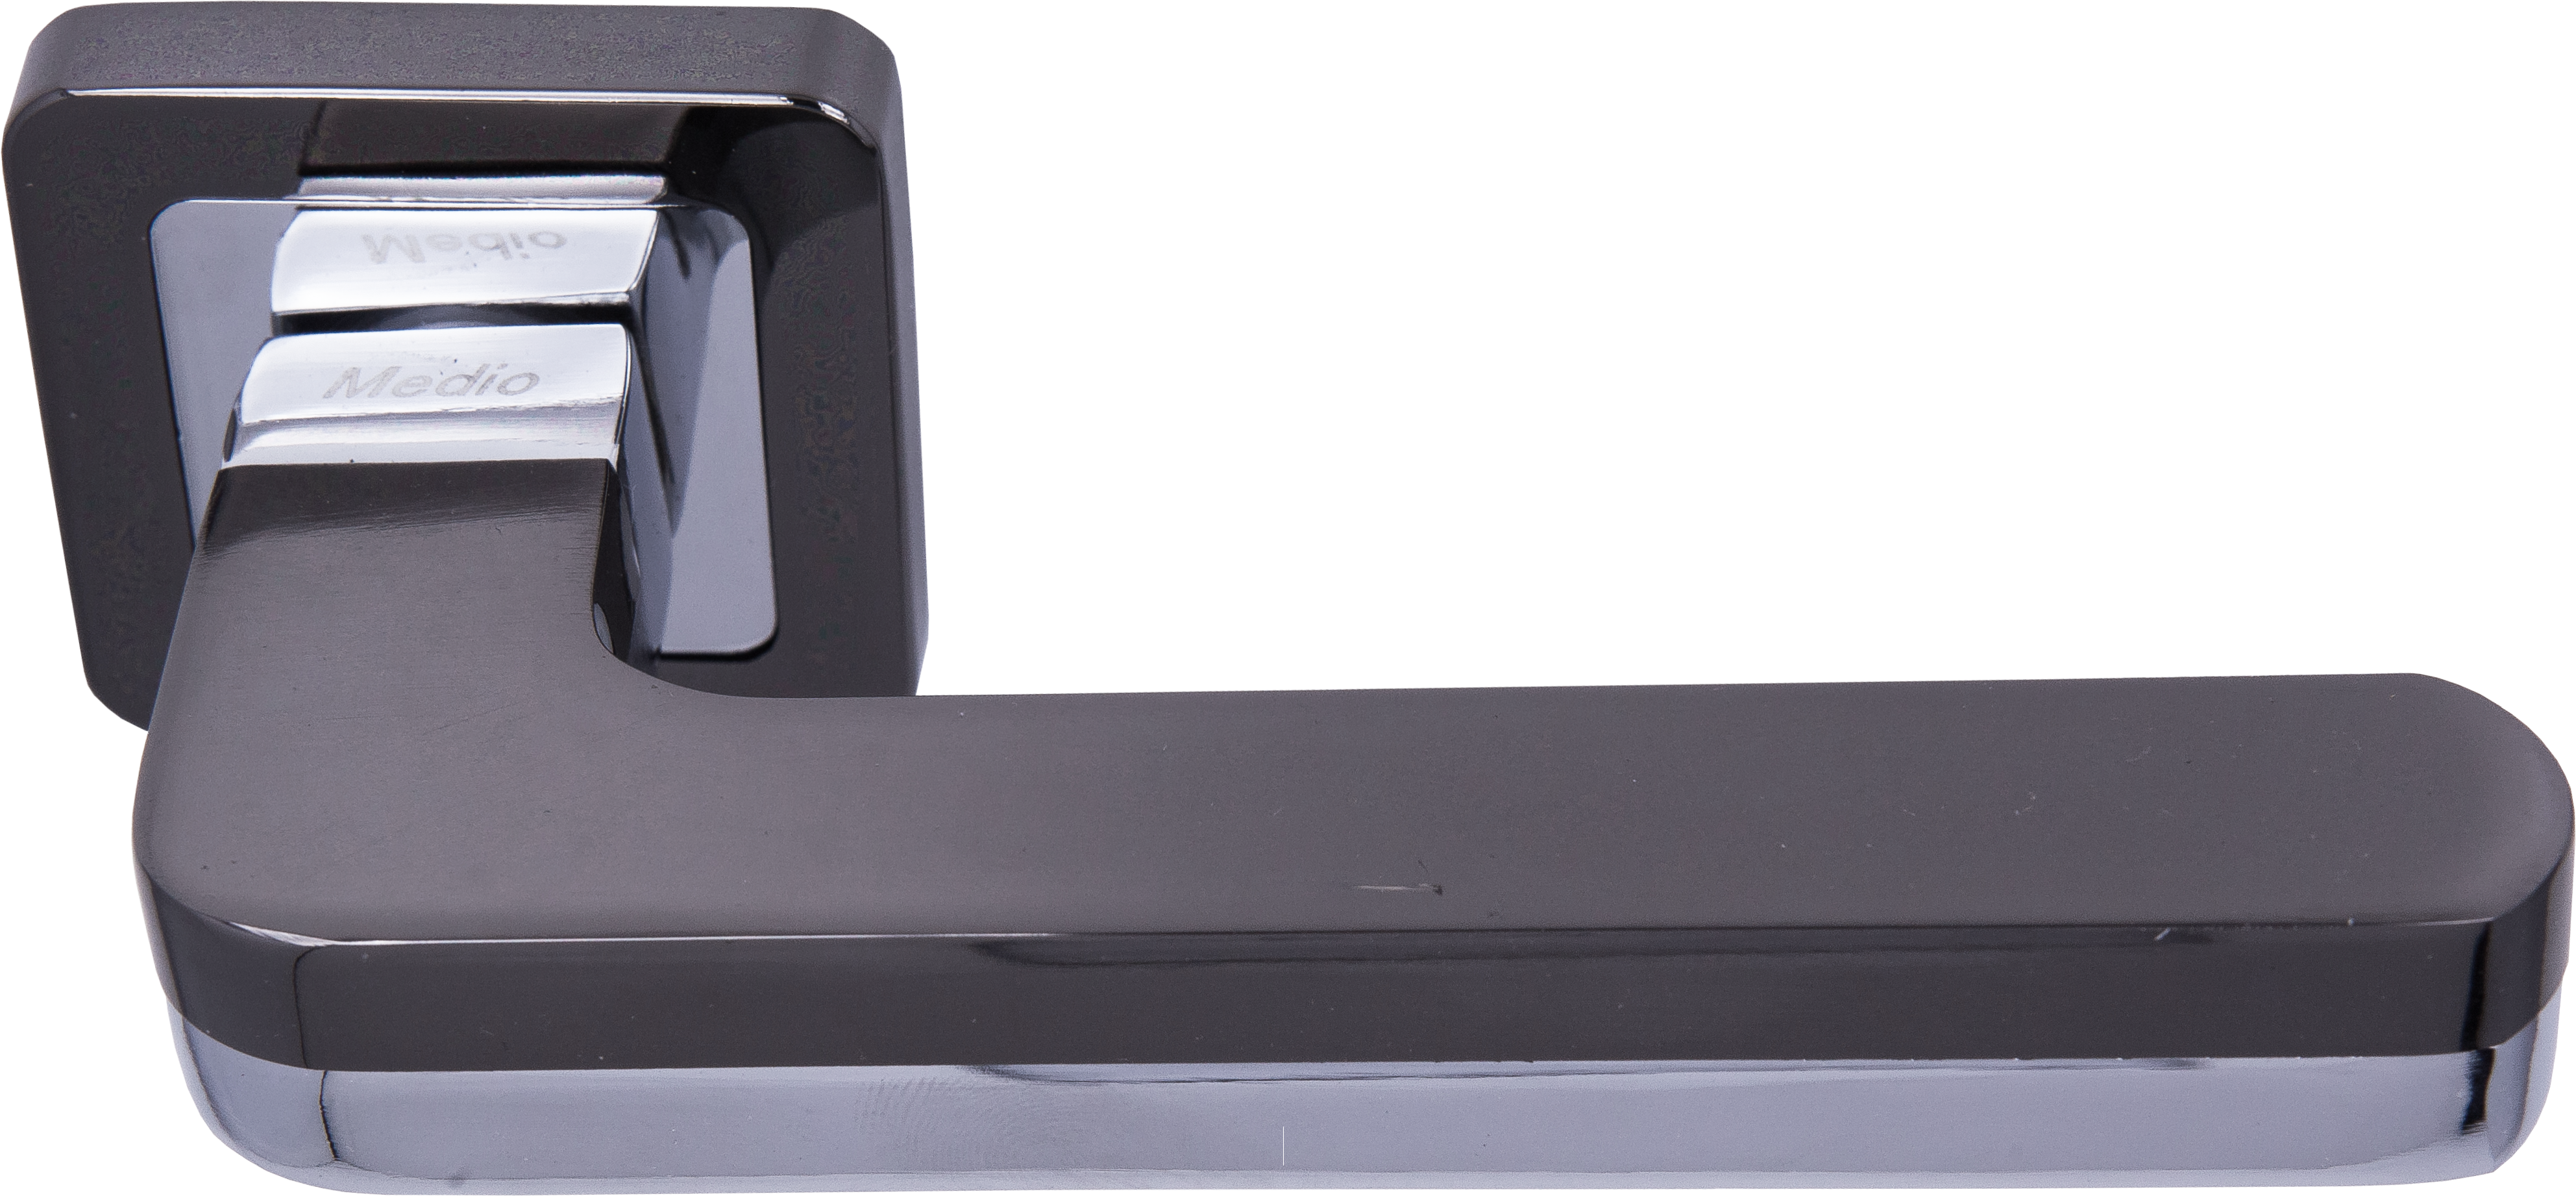 Ручка Медио ML7032-78 BN/CP черный/хром (20 шт)